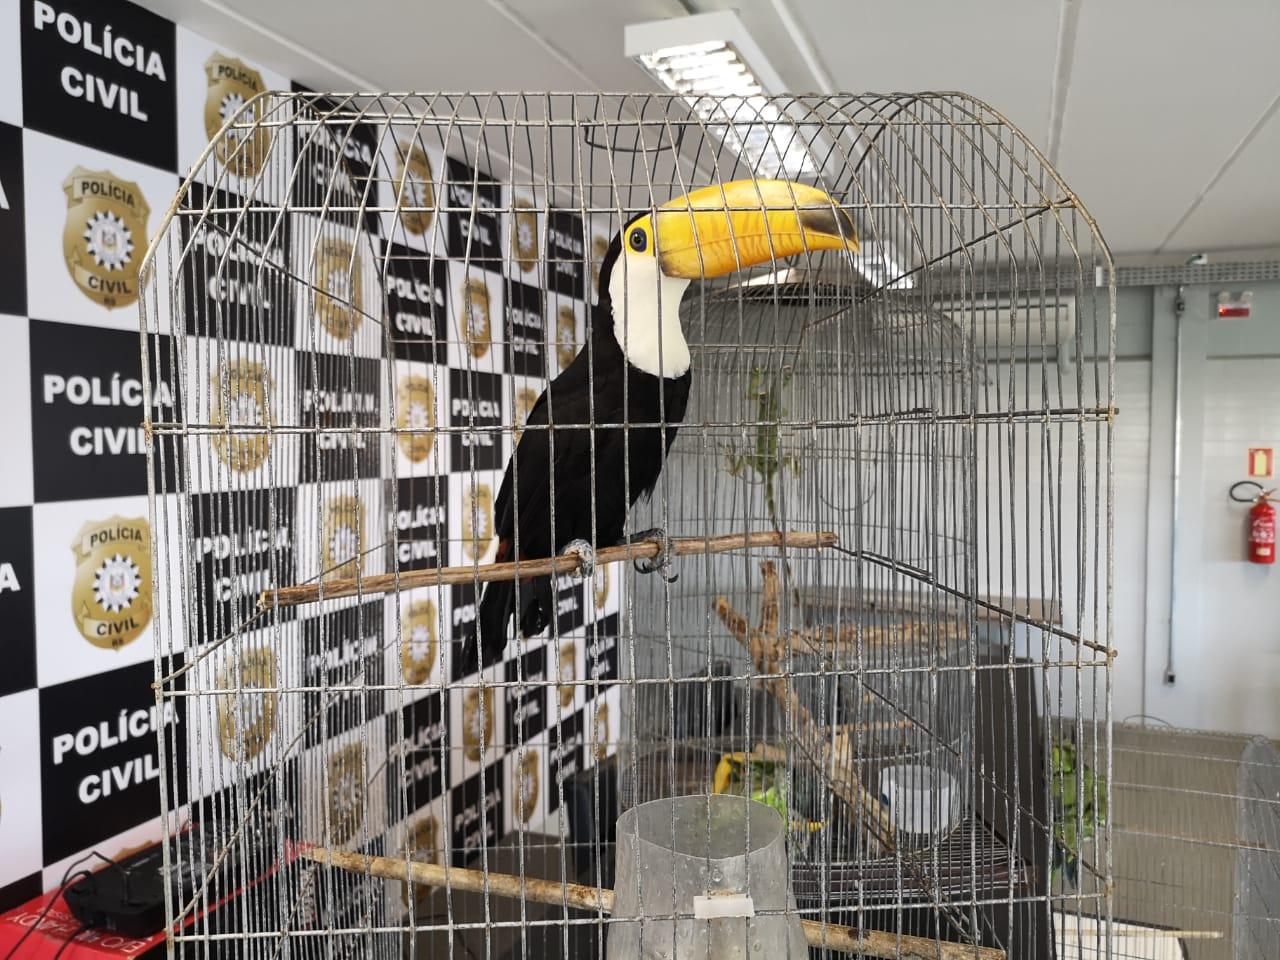 Proprietário de tucanos vendia os animais pelo Facebook (Divulgação/Polícia Civil)